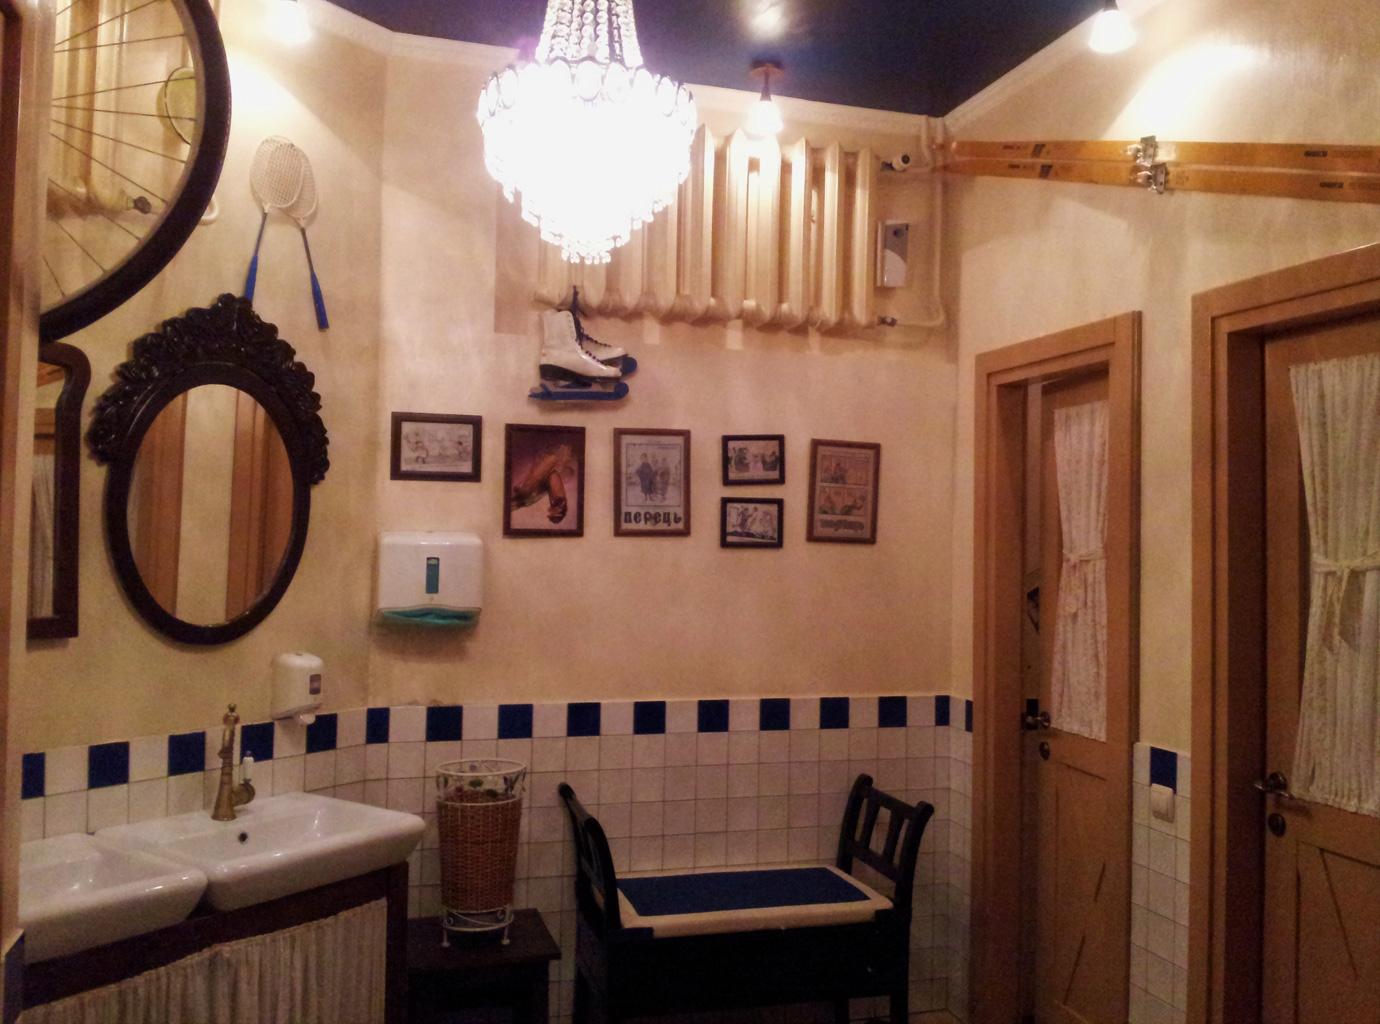 Mooi toilet in een Sovjet-stijl restaurant